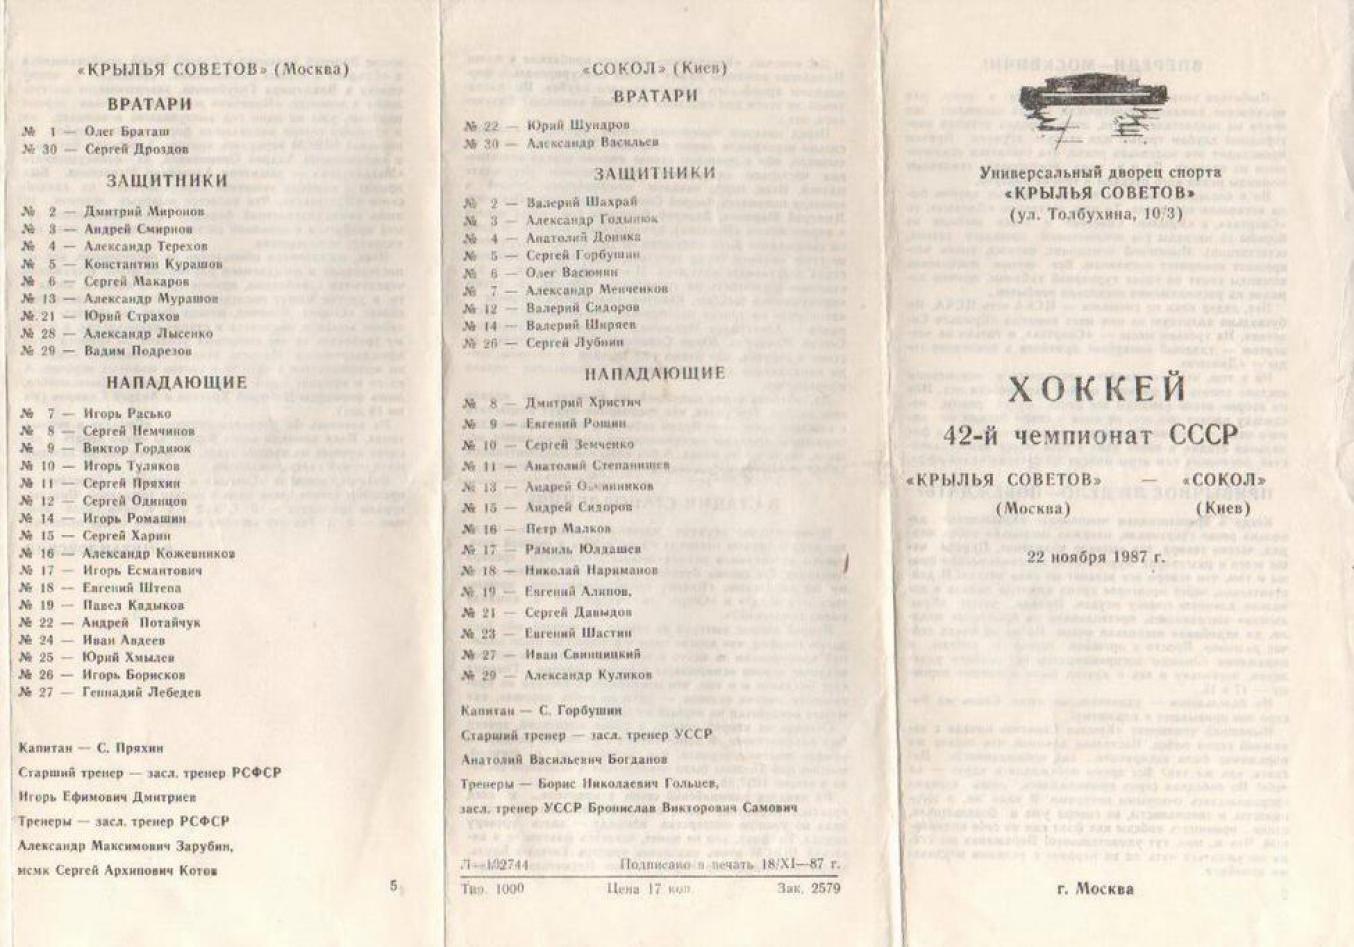 1987.11.22. Крылья Советов - Сокол, Киев (Чм. СССР)_01.png